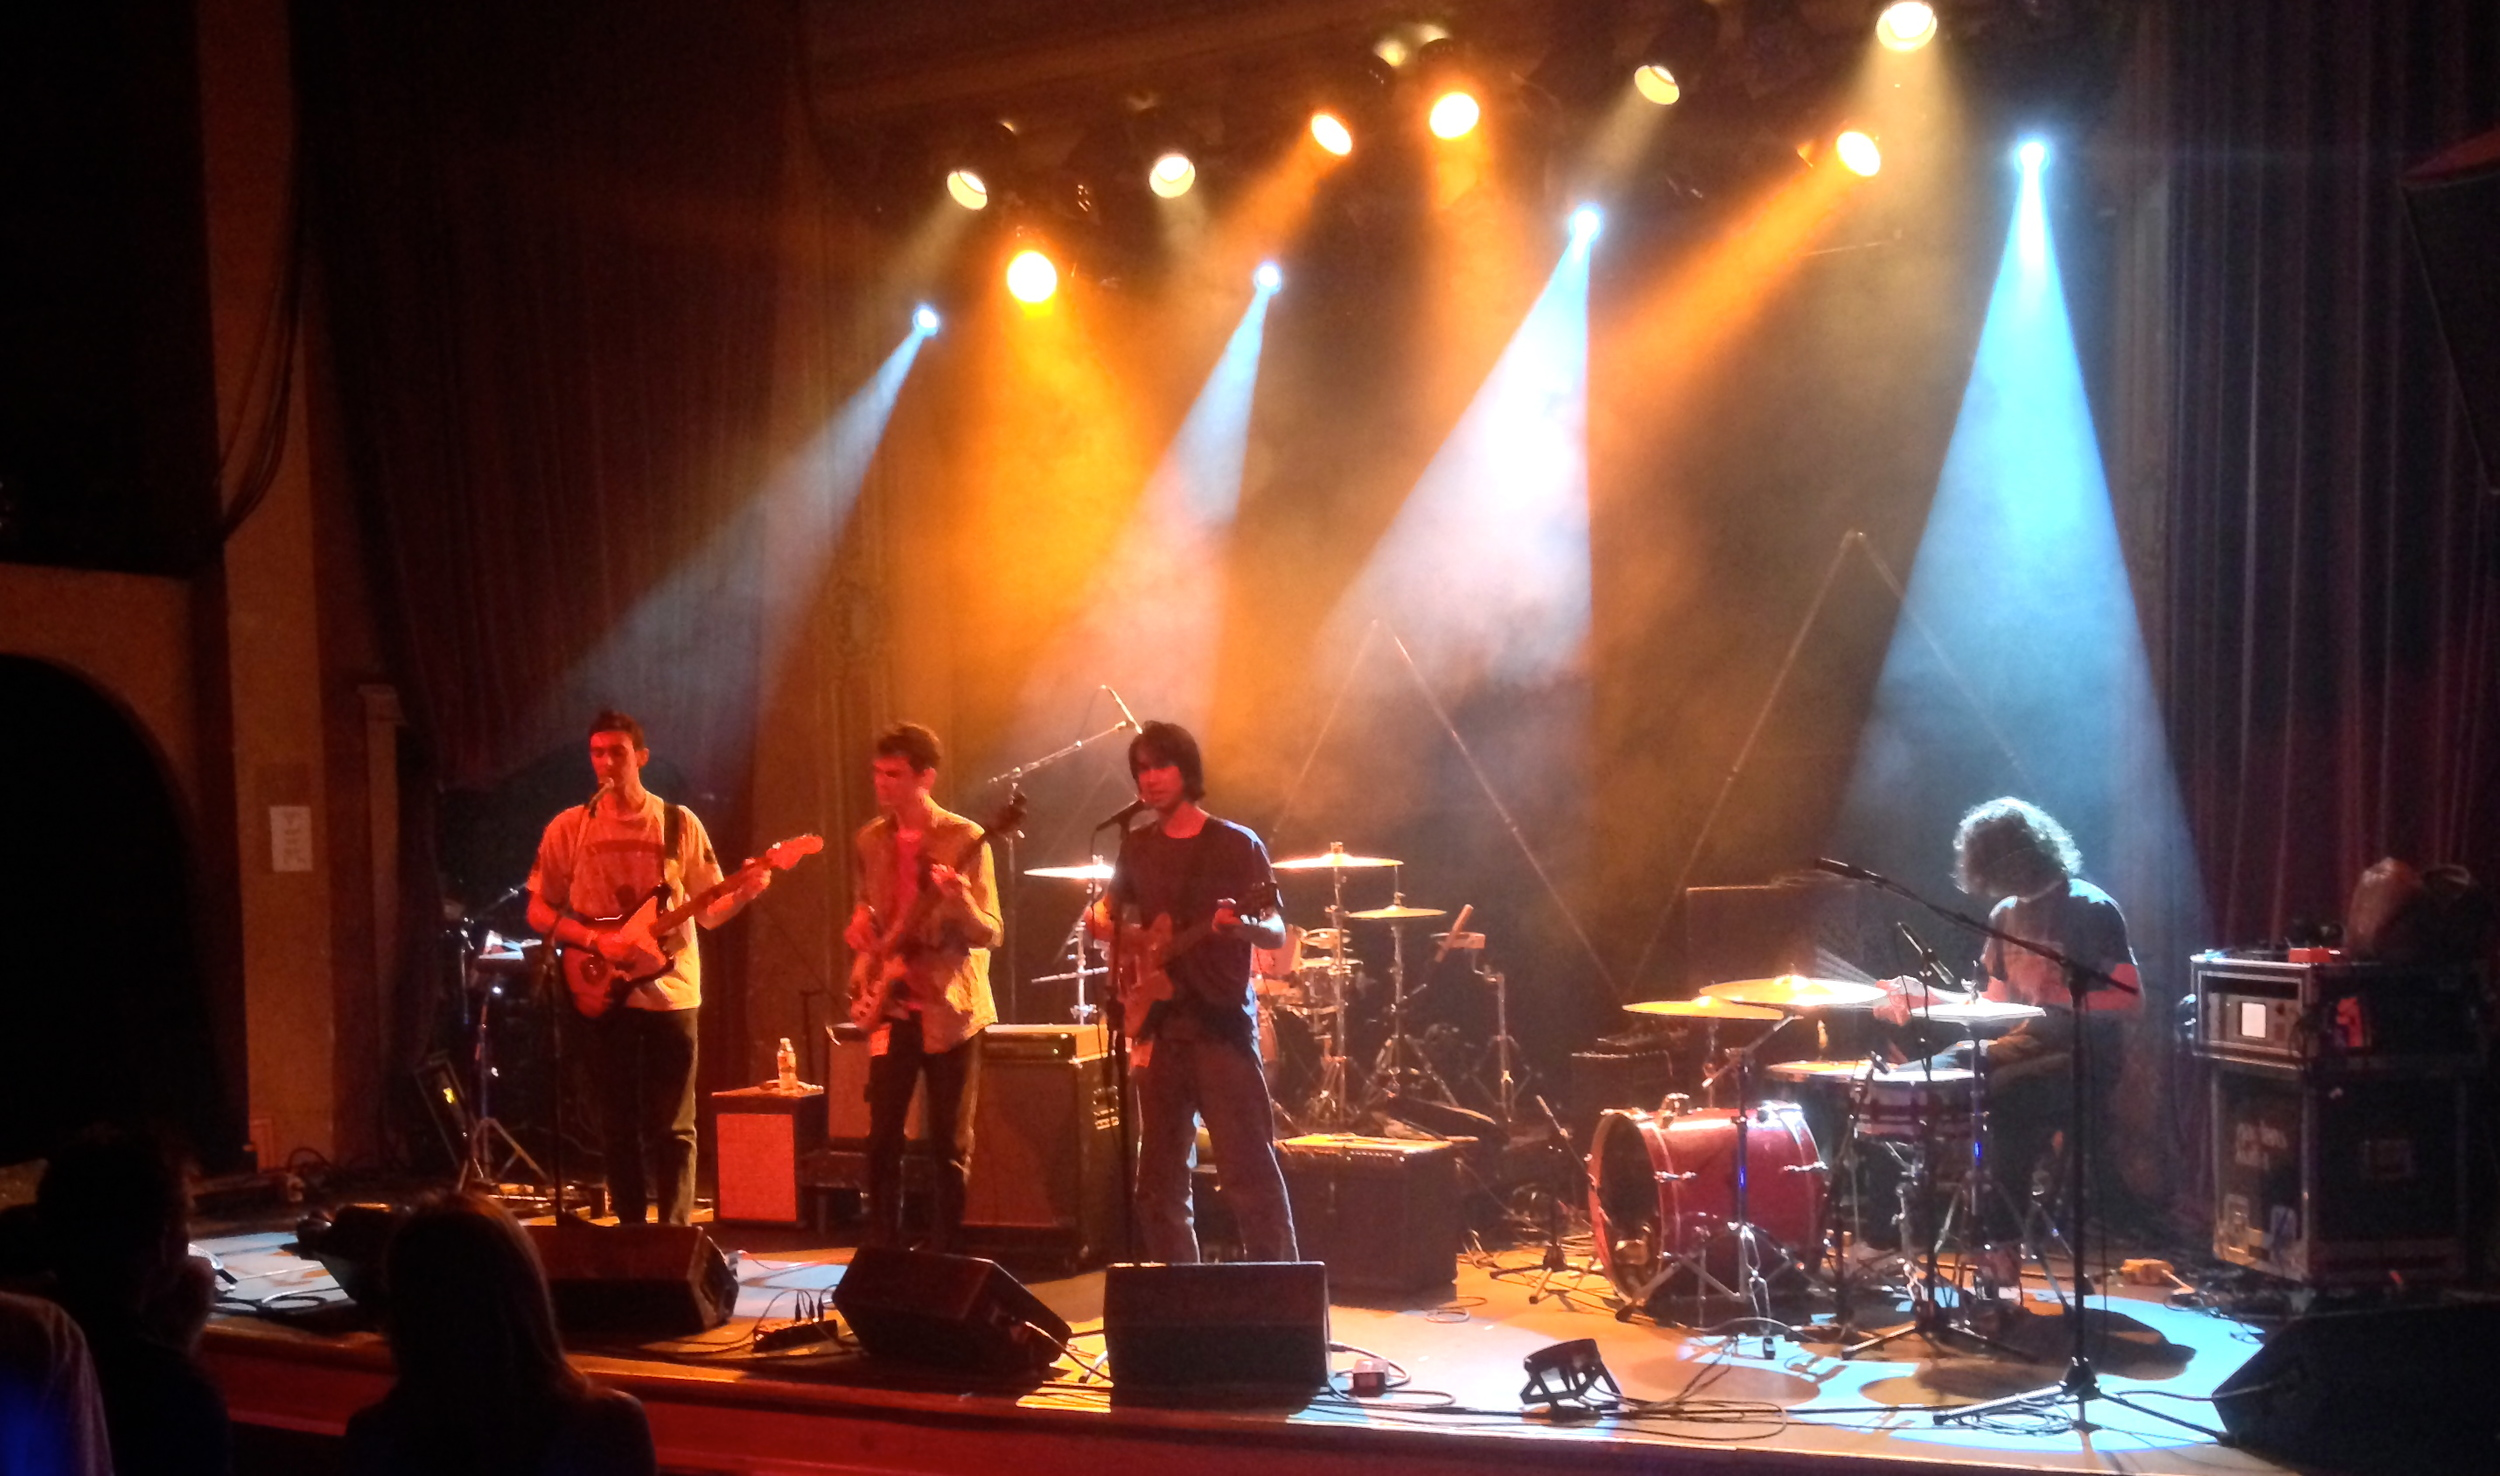 Alex G, Live at the Bluebird